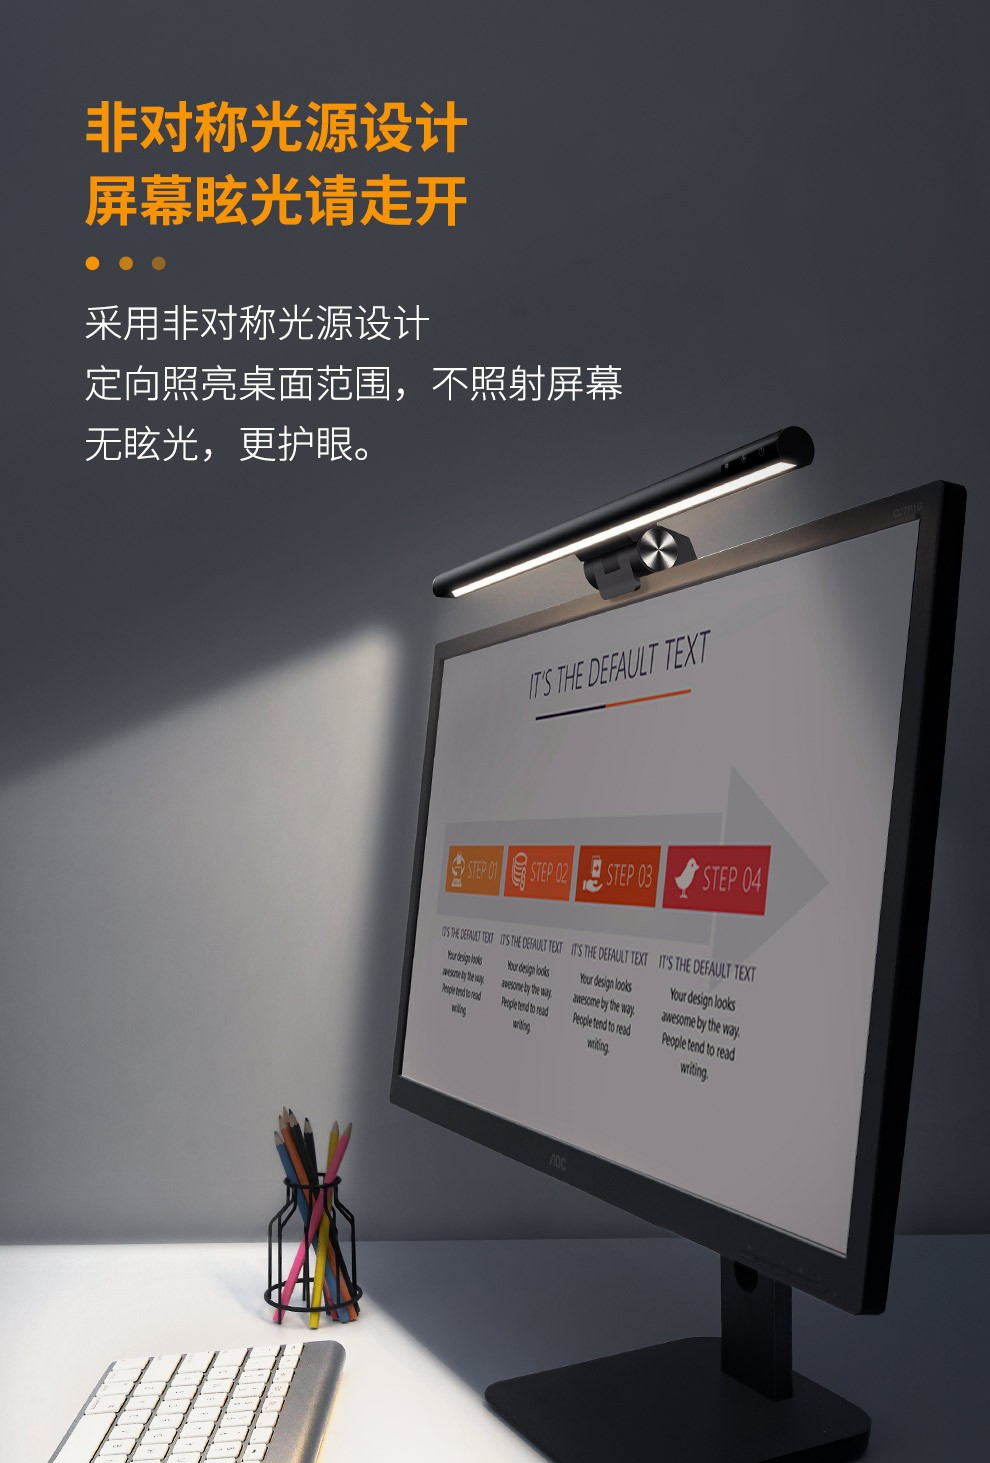 79元包邮 BASEUS 倍思 触控调光显示器挂灯( 黑色)